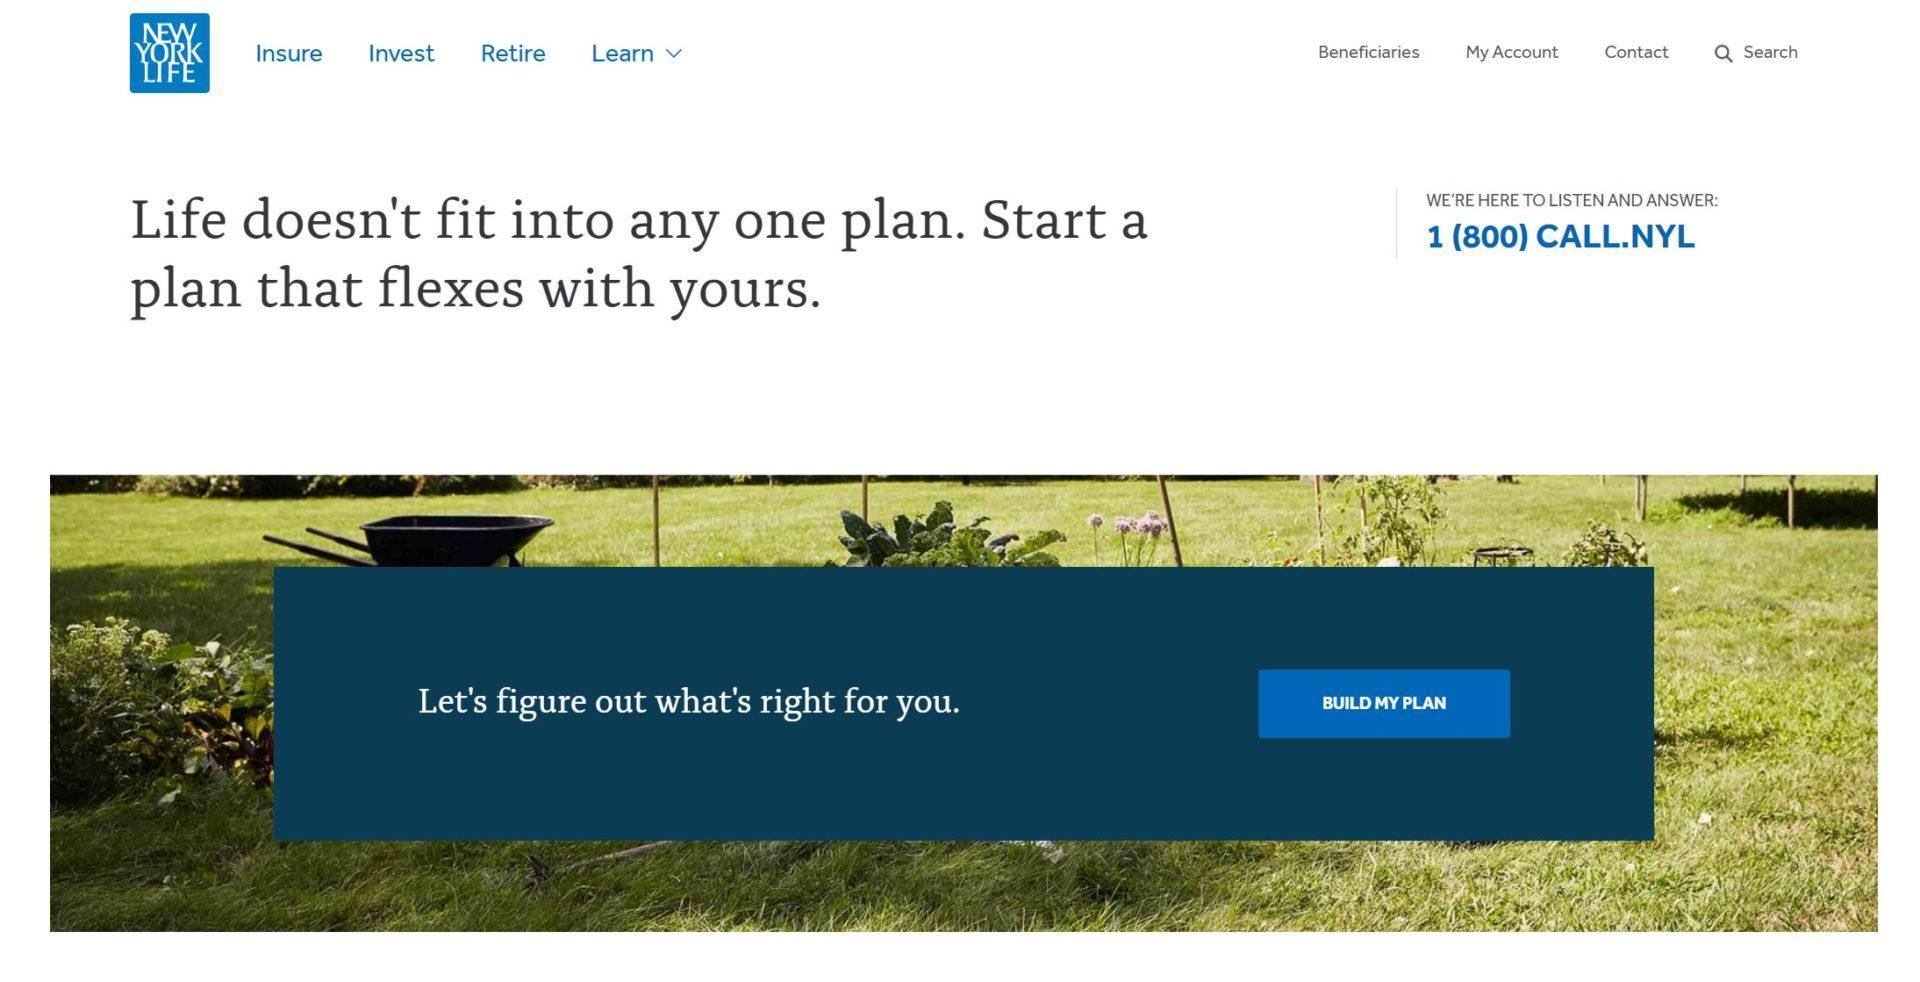 сайт страховой компании пример 1